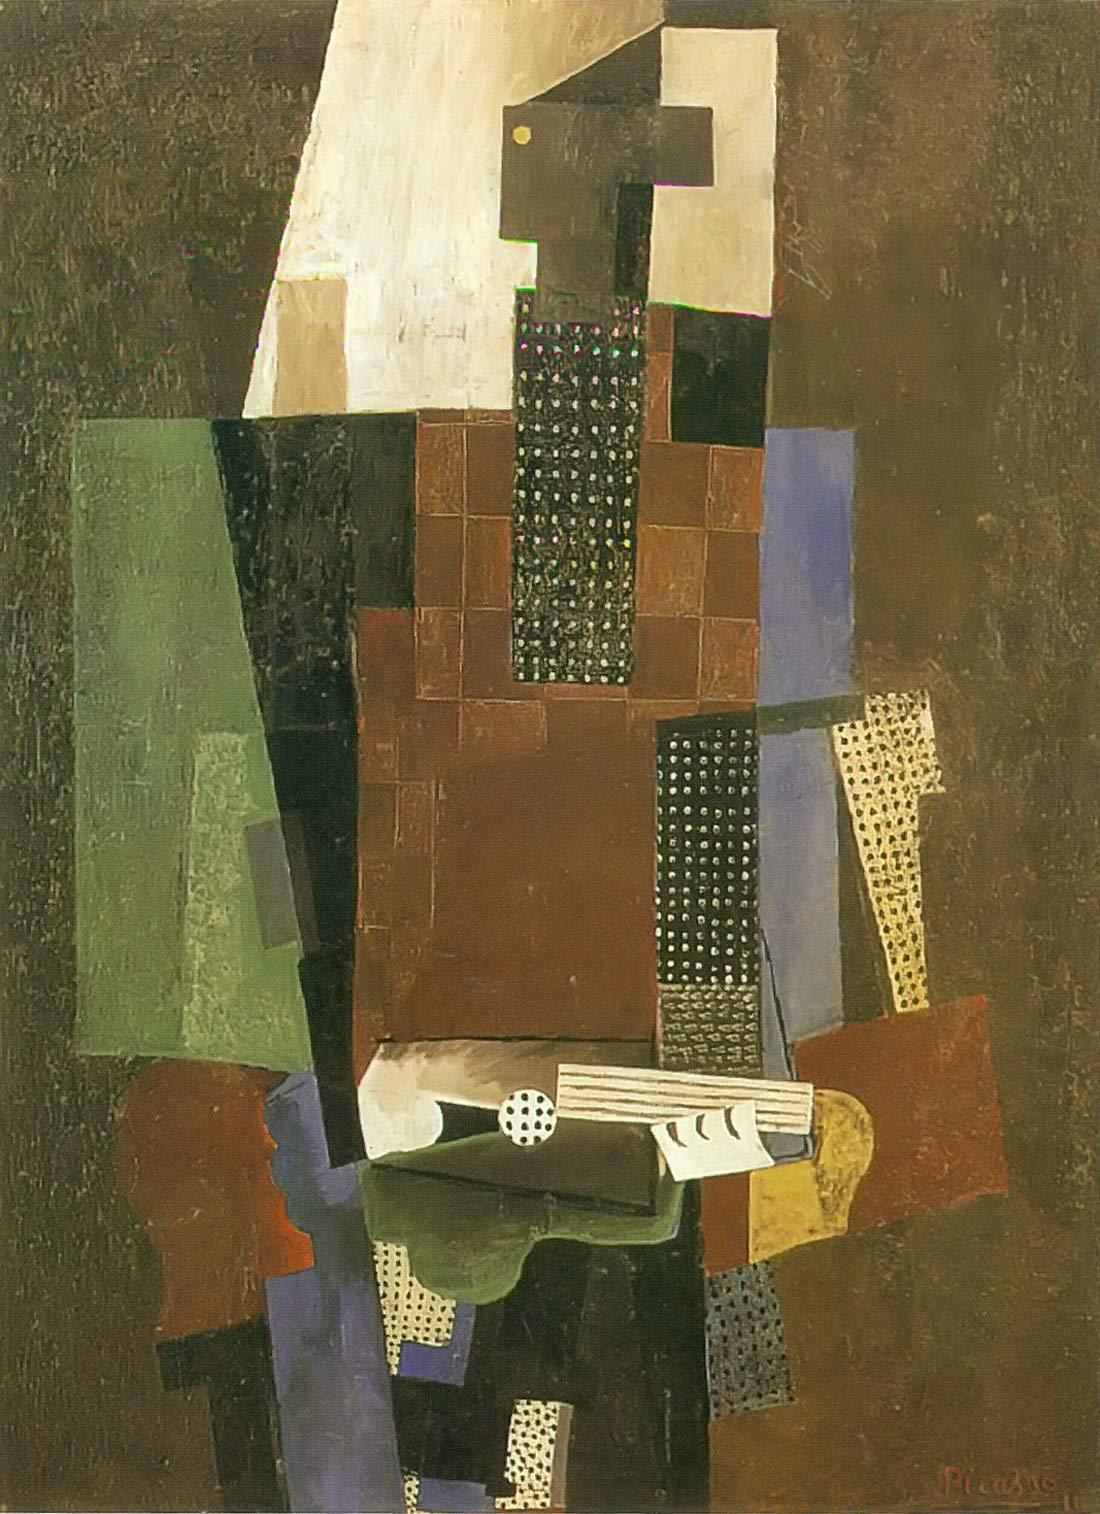 Guitar Player 1916 Pablo Picasso